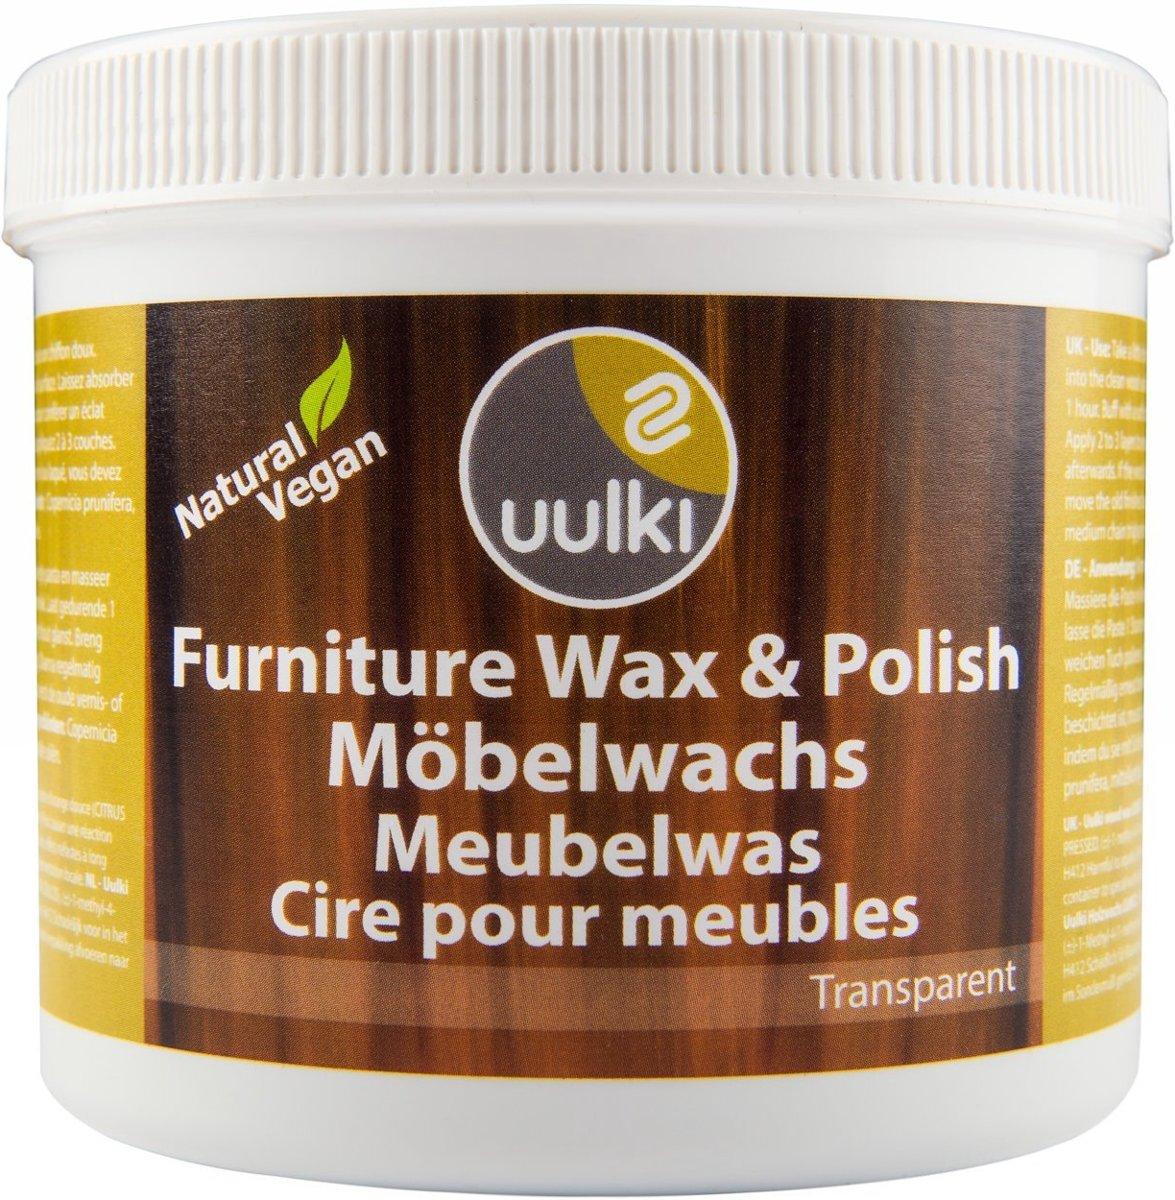 Uulki Meubelwas Boenwas En Polish 100 Natuurlijke En Plantaardige Wax Voor Houten Meubels In Huis Kleurloos 500ml Meubelonderhoud